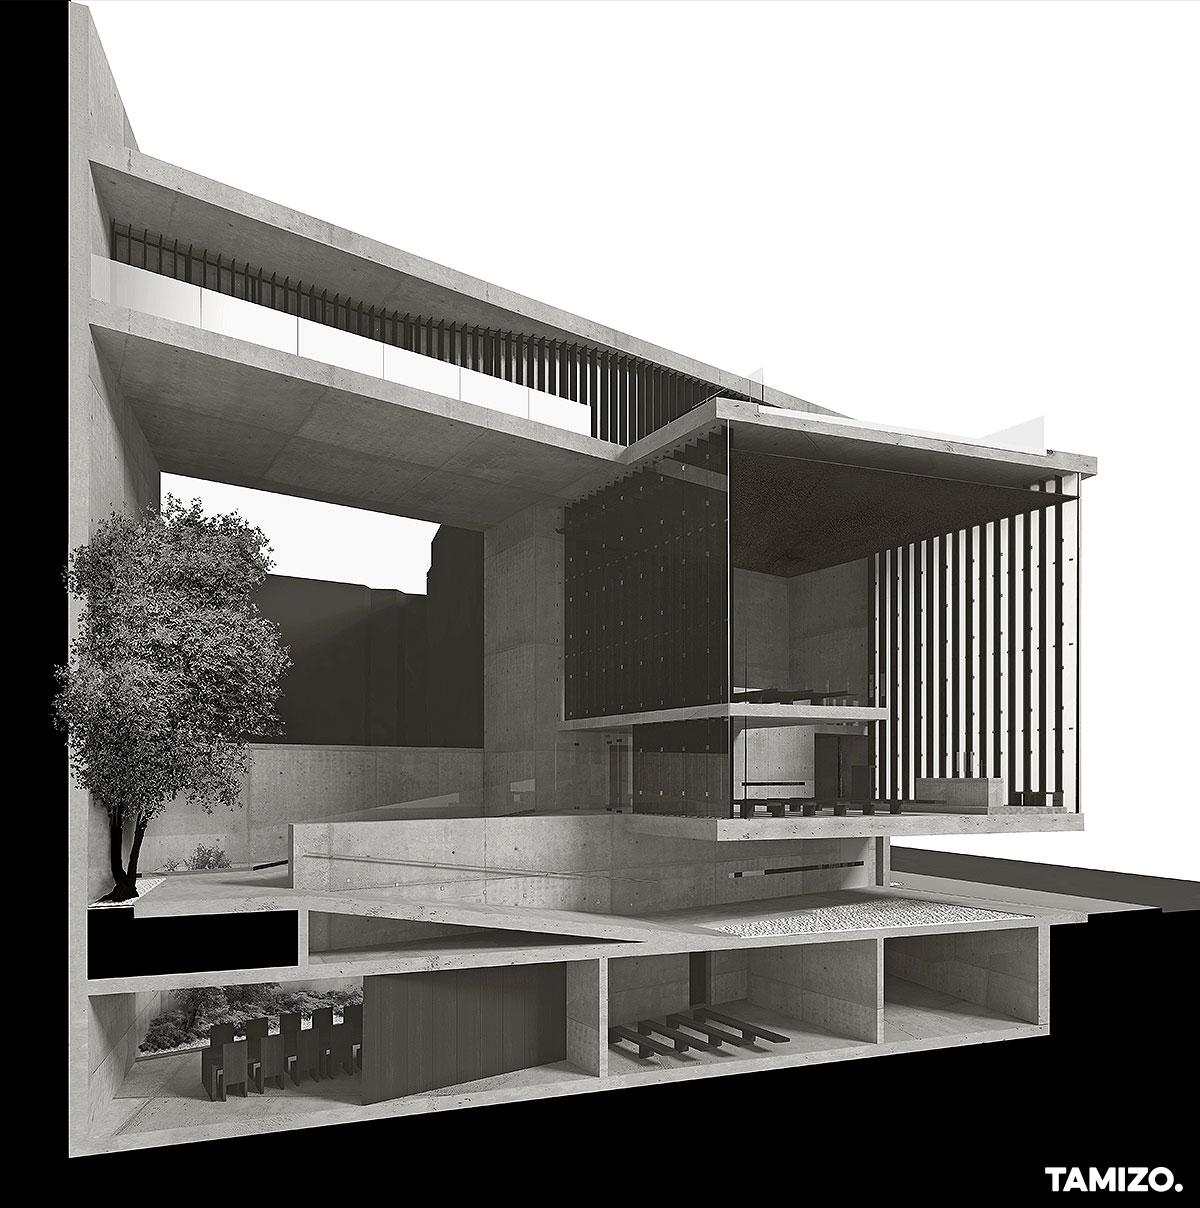 A012_tamizo_architekci_architektura-kosiol-w-miescie-church-projekt-lodz-plomba-zelbet-mateusz-stolarski-18